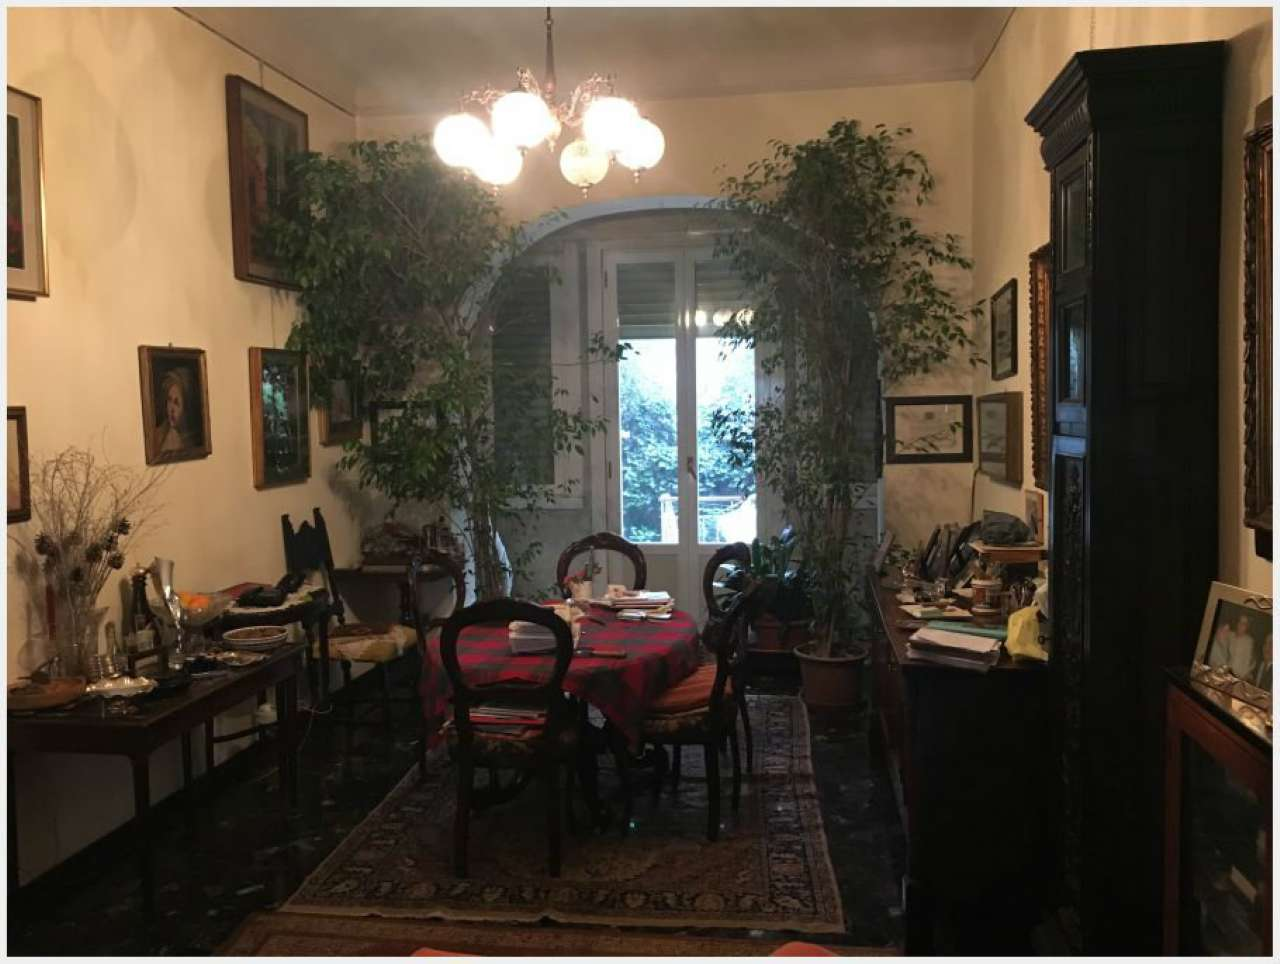 Soluzione Indipendente in vendita a Milano, 6 locali, zona Zona: 15 . Fiera, Firenze, Sempione, Pagano, Amendola, Paolo Sarpi, Arena, prezzo € 750.000 | CambioCasa.it